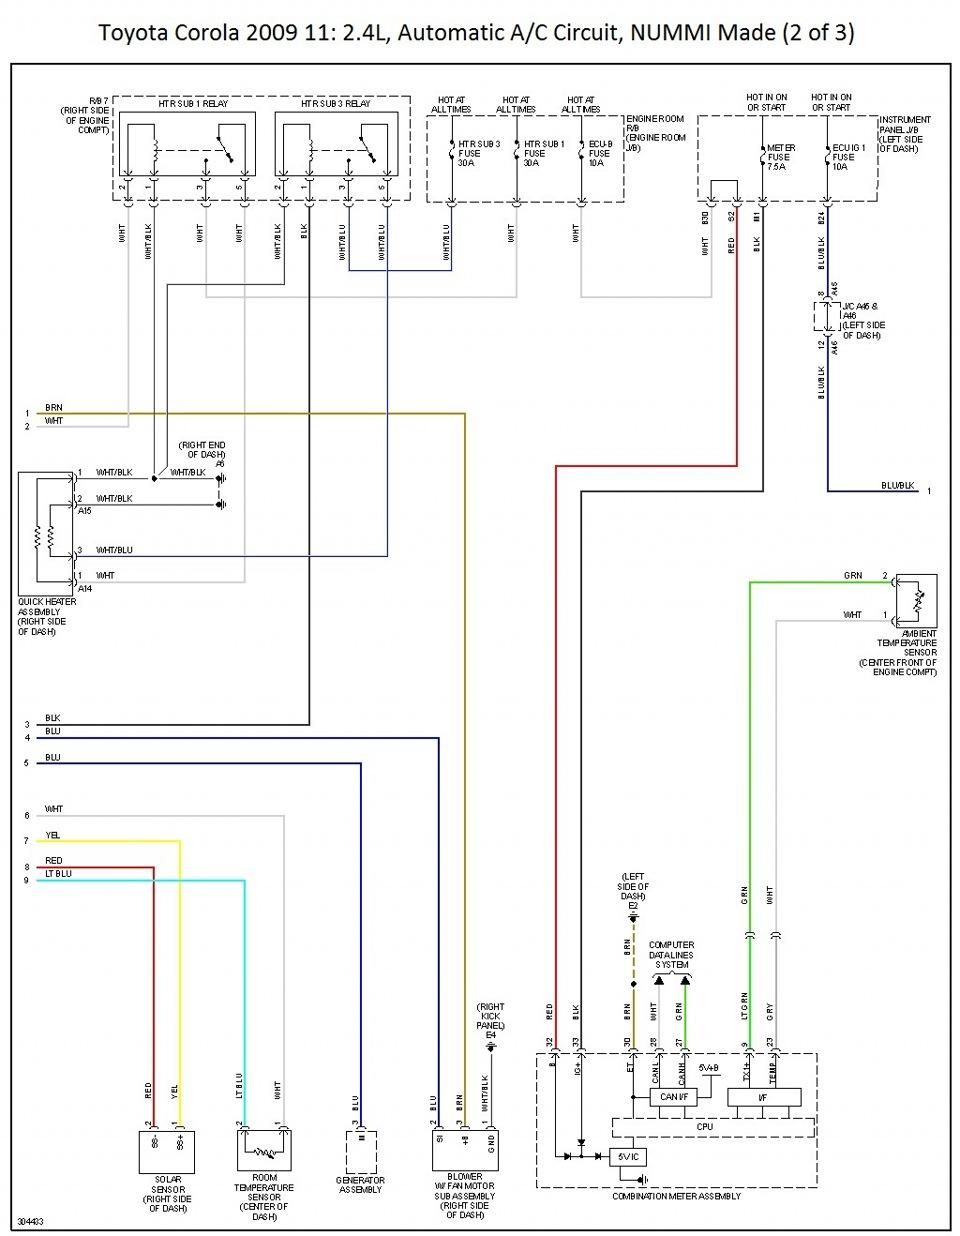 Toyota corolla схема электрическая